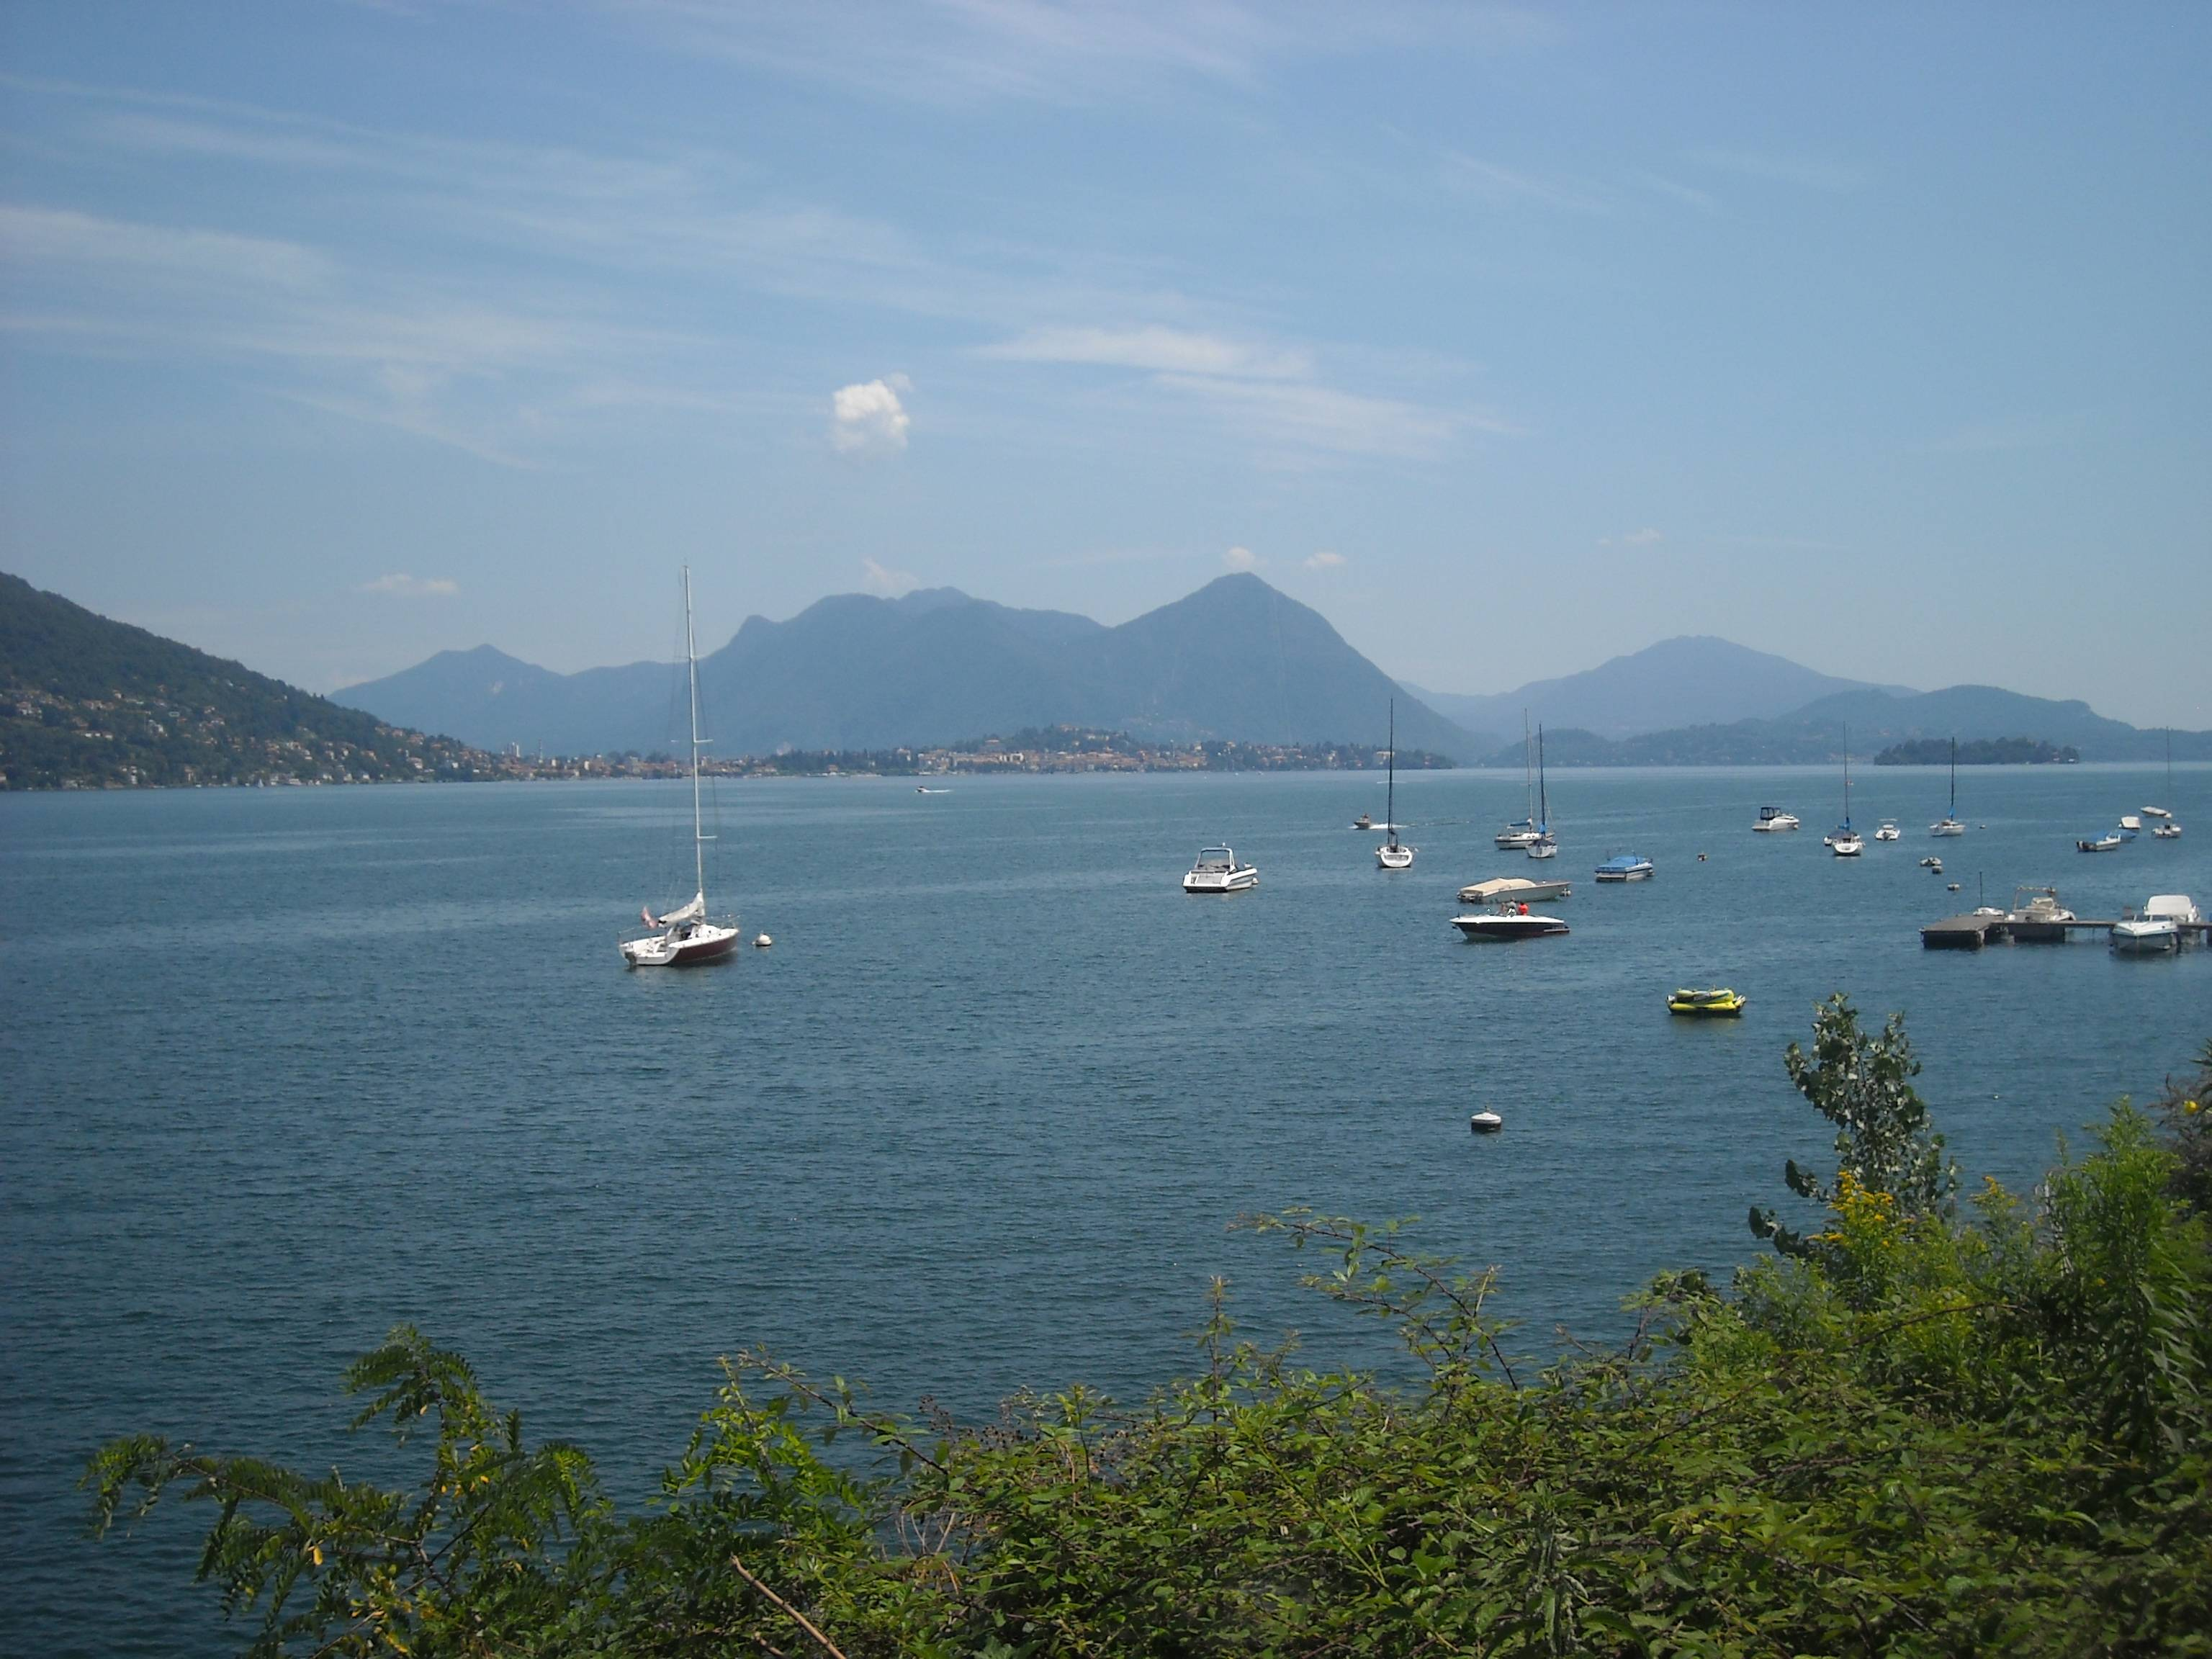 Lago Maggiore/Lake Maggiore